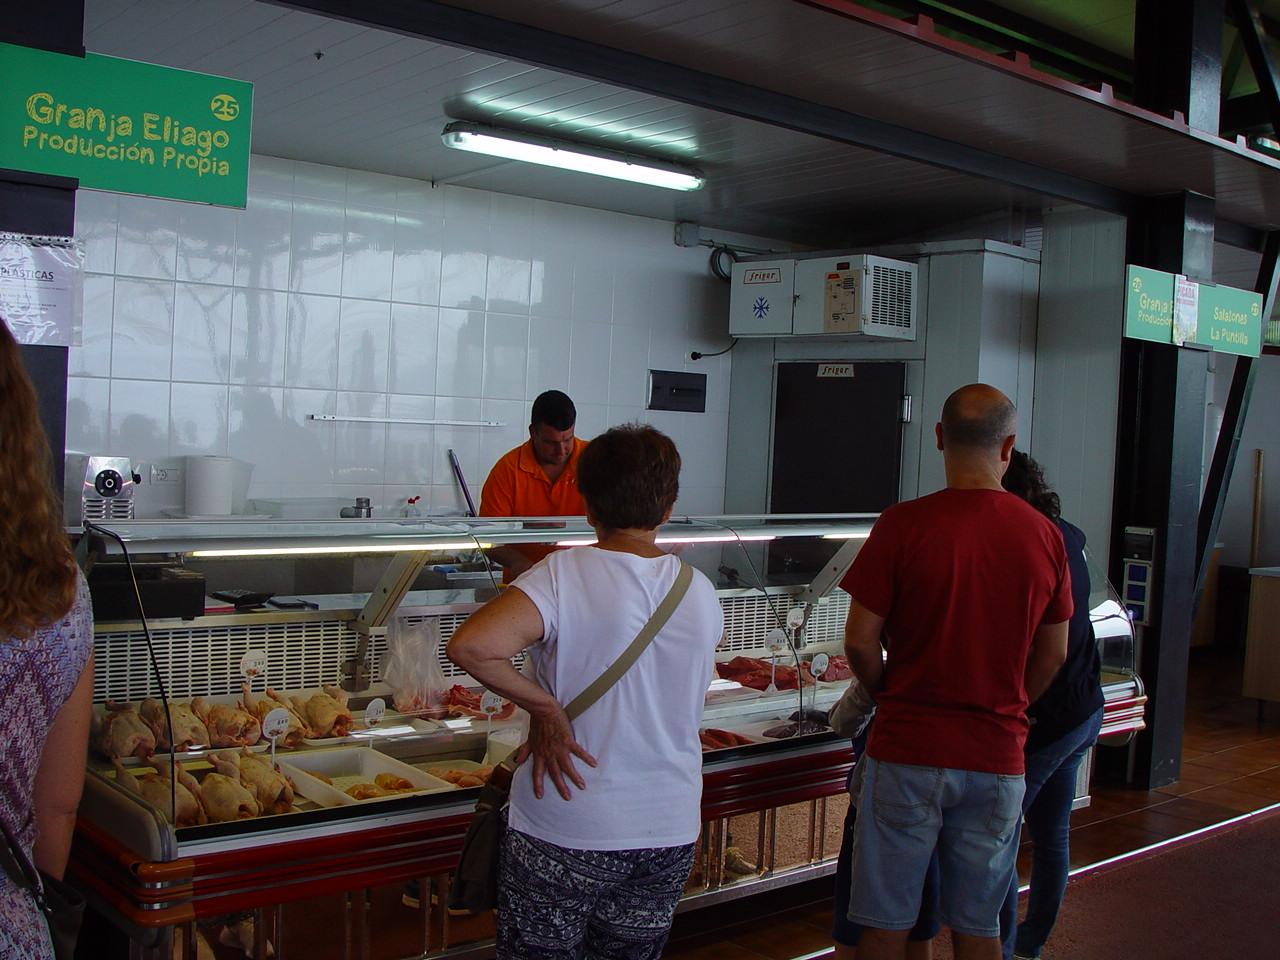 La Granja Eliago y la Carnicería de Benijos, los sábados en el Mercadillo Valle de La Orotava